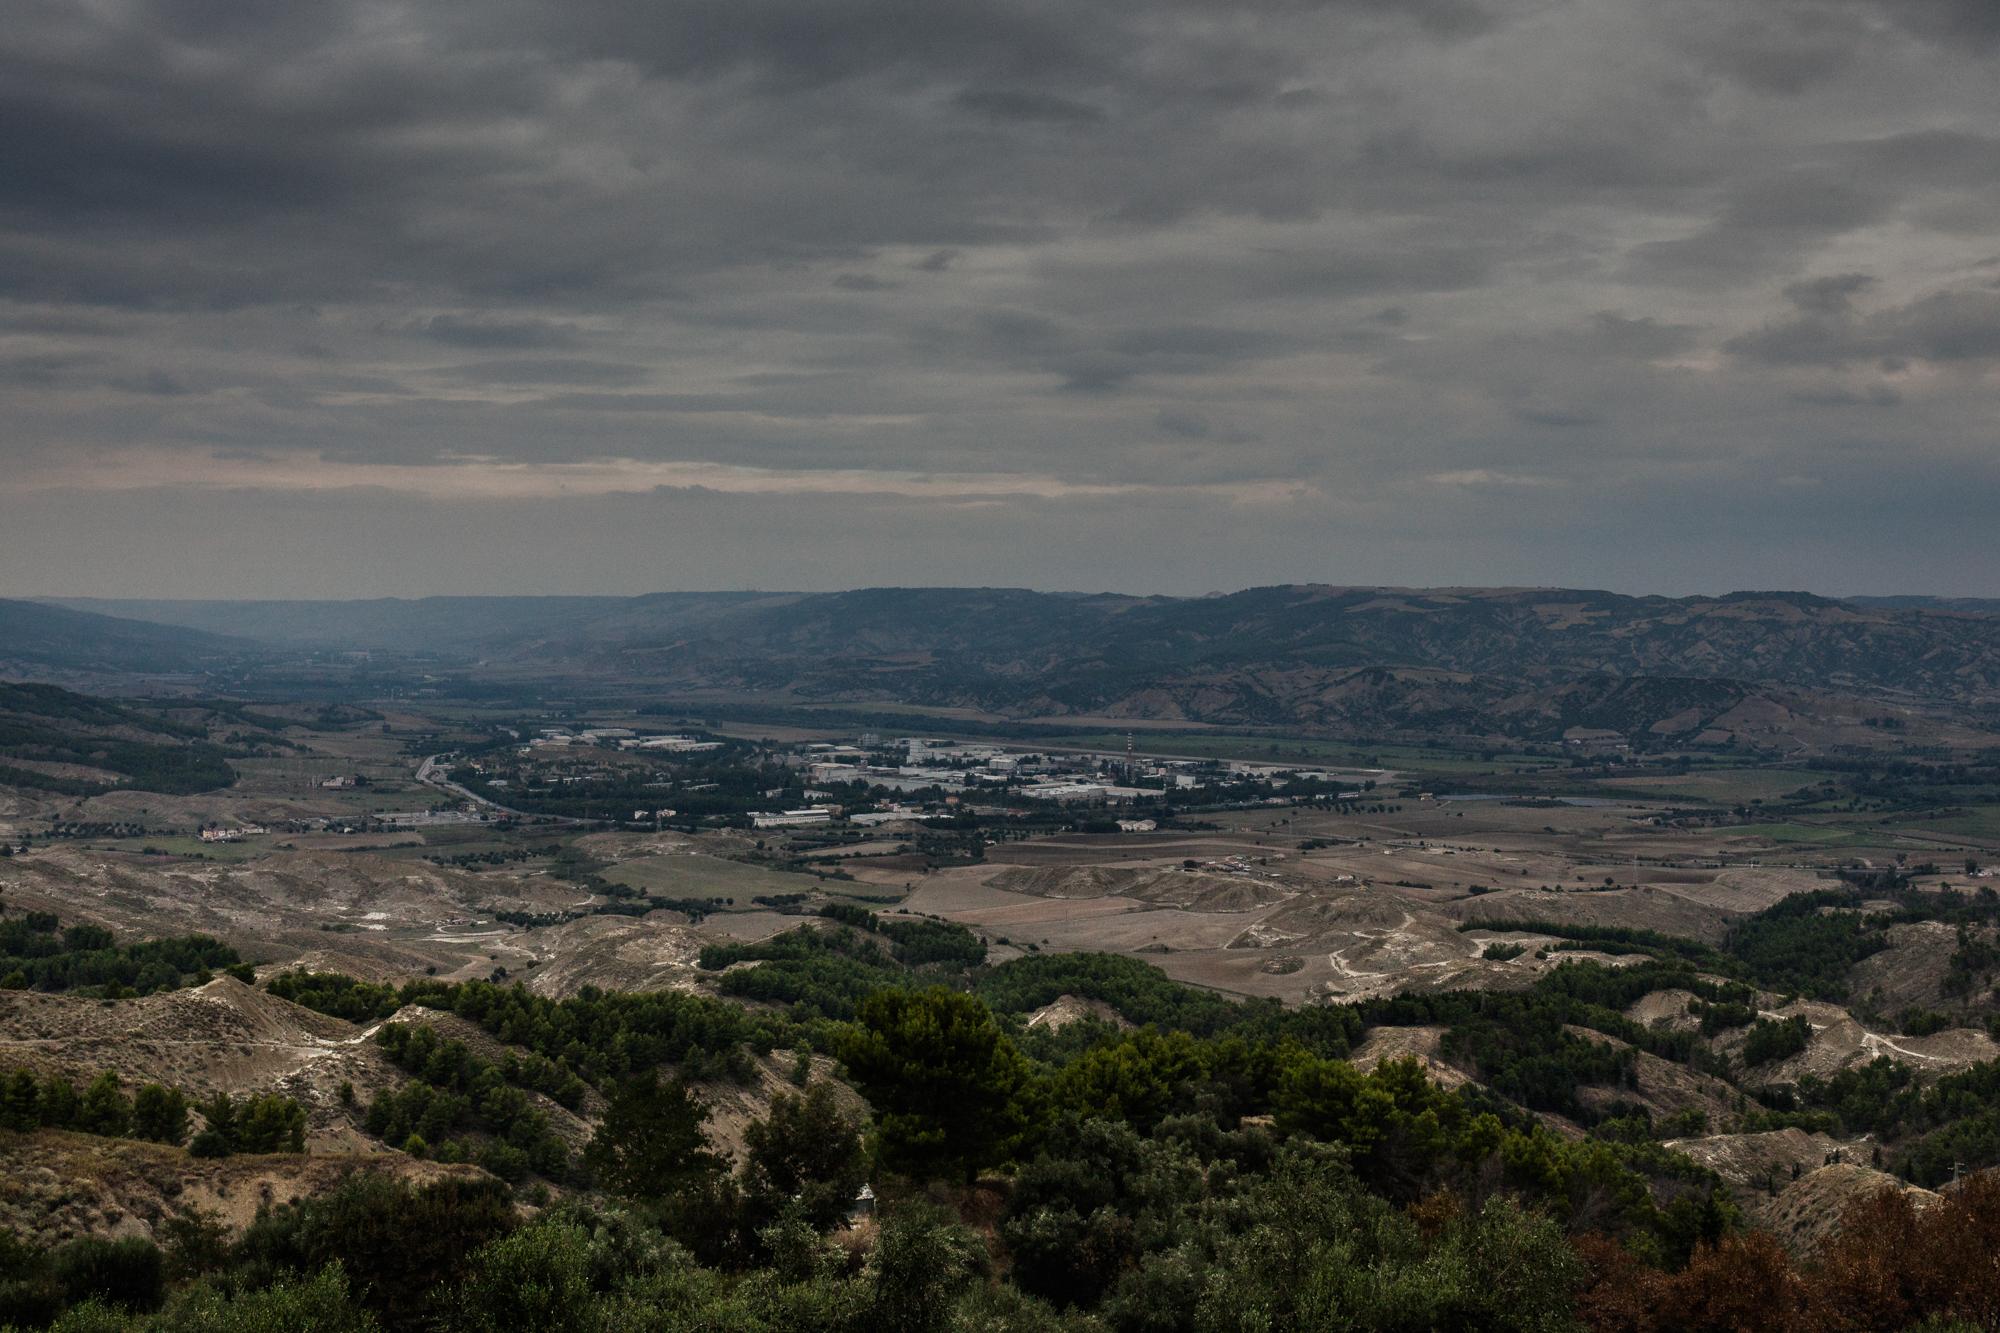 La Val Basento in provincia di Matera (Basilicata) è una delle aree industriali più estese del Sud Italia, 2015.